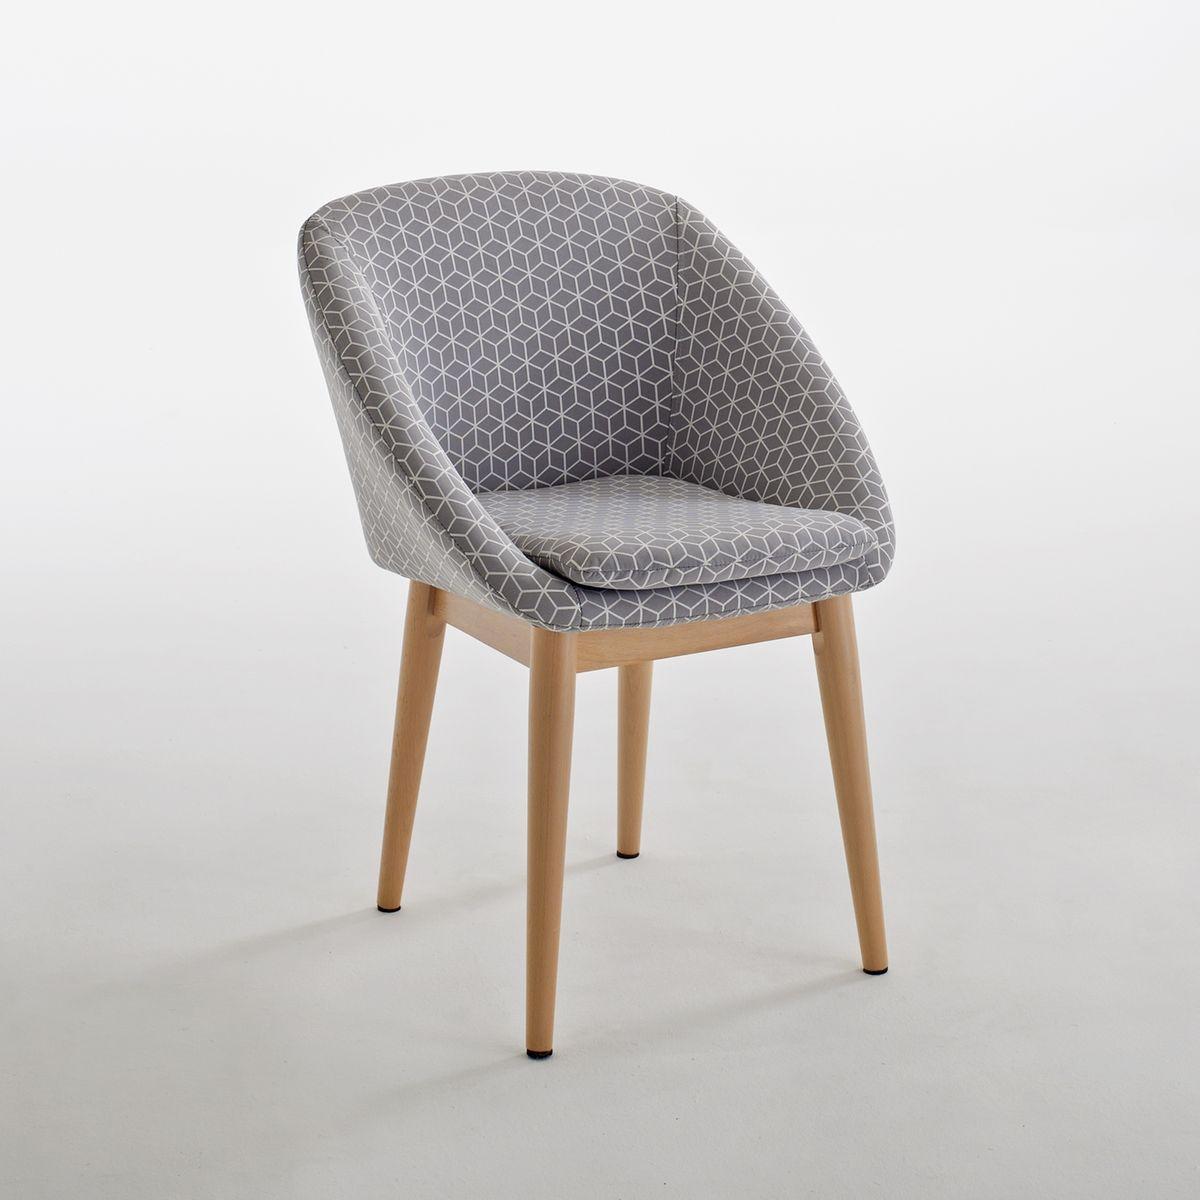 fauteuil de table kunz vendu par la redoute 1765594. Black Bedroom Furniture Sets. Home Design Ideas